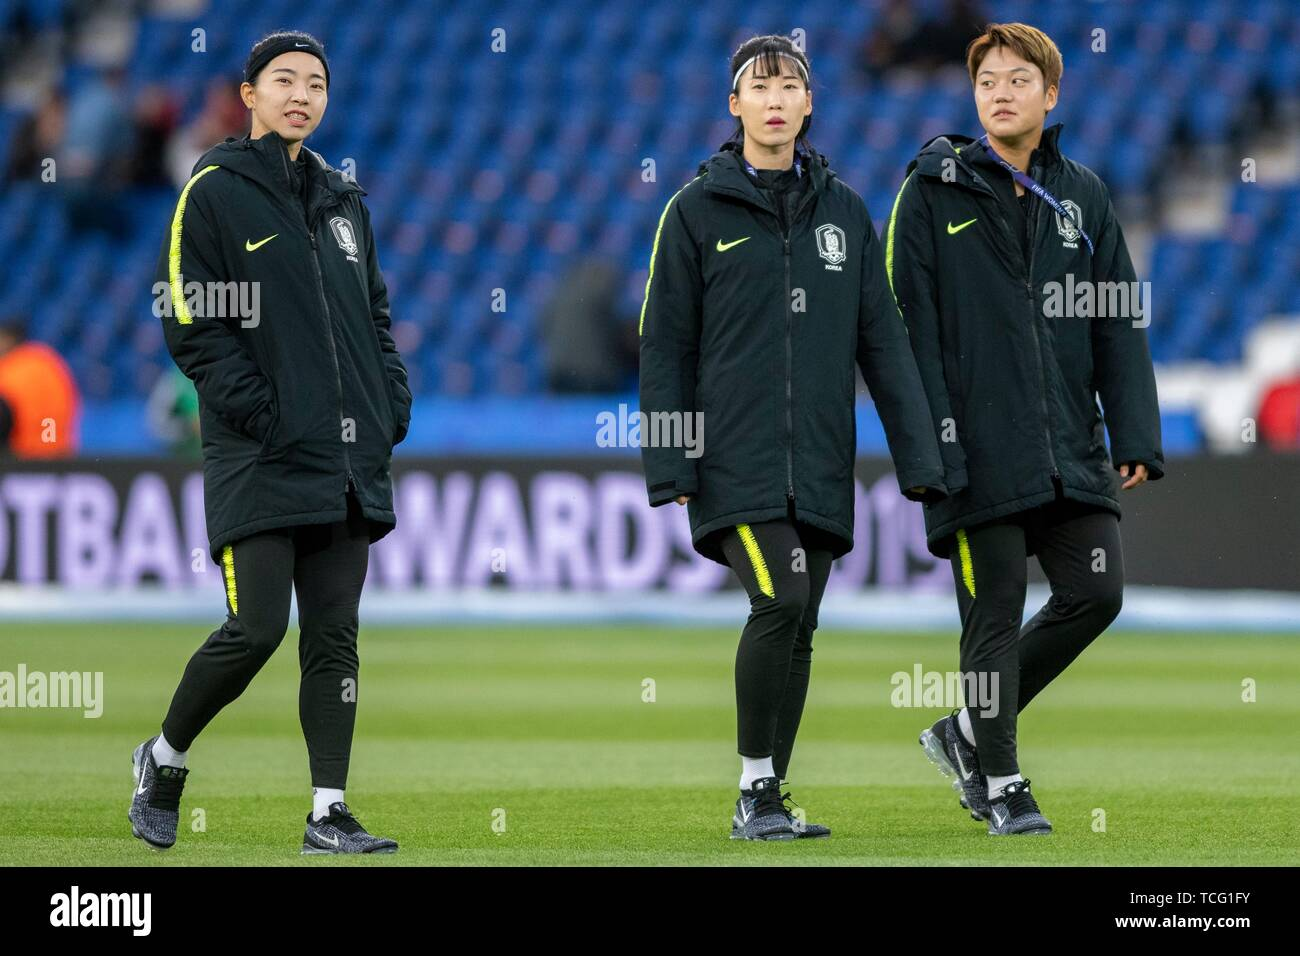 Korean Players Stock Photos & Korean Players Stock Images